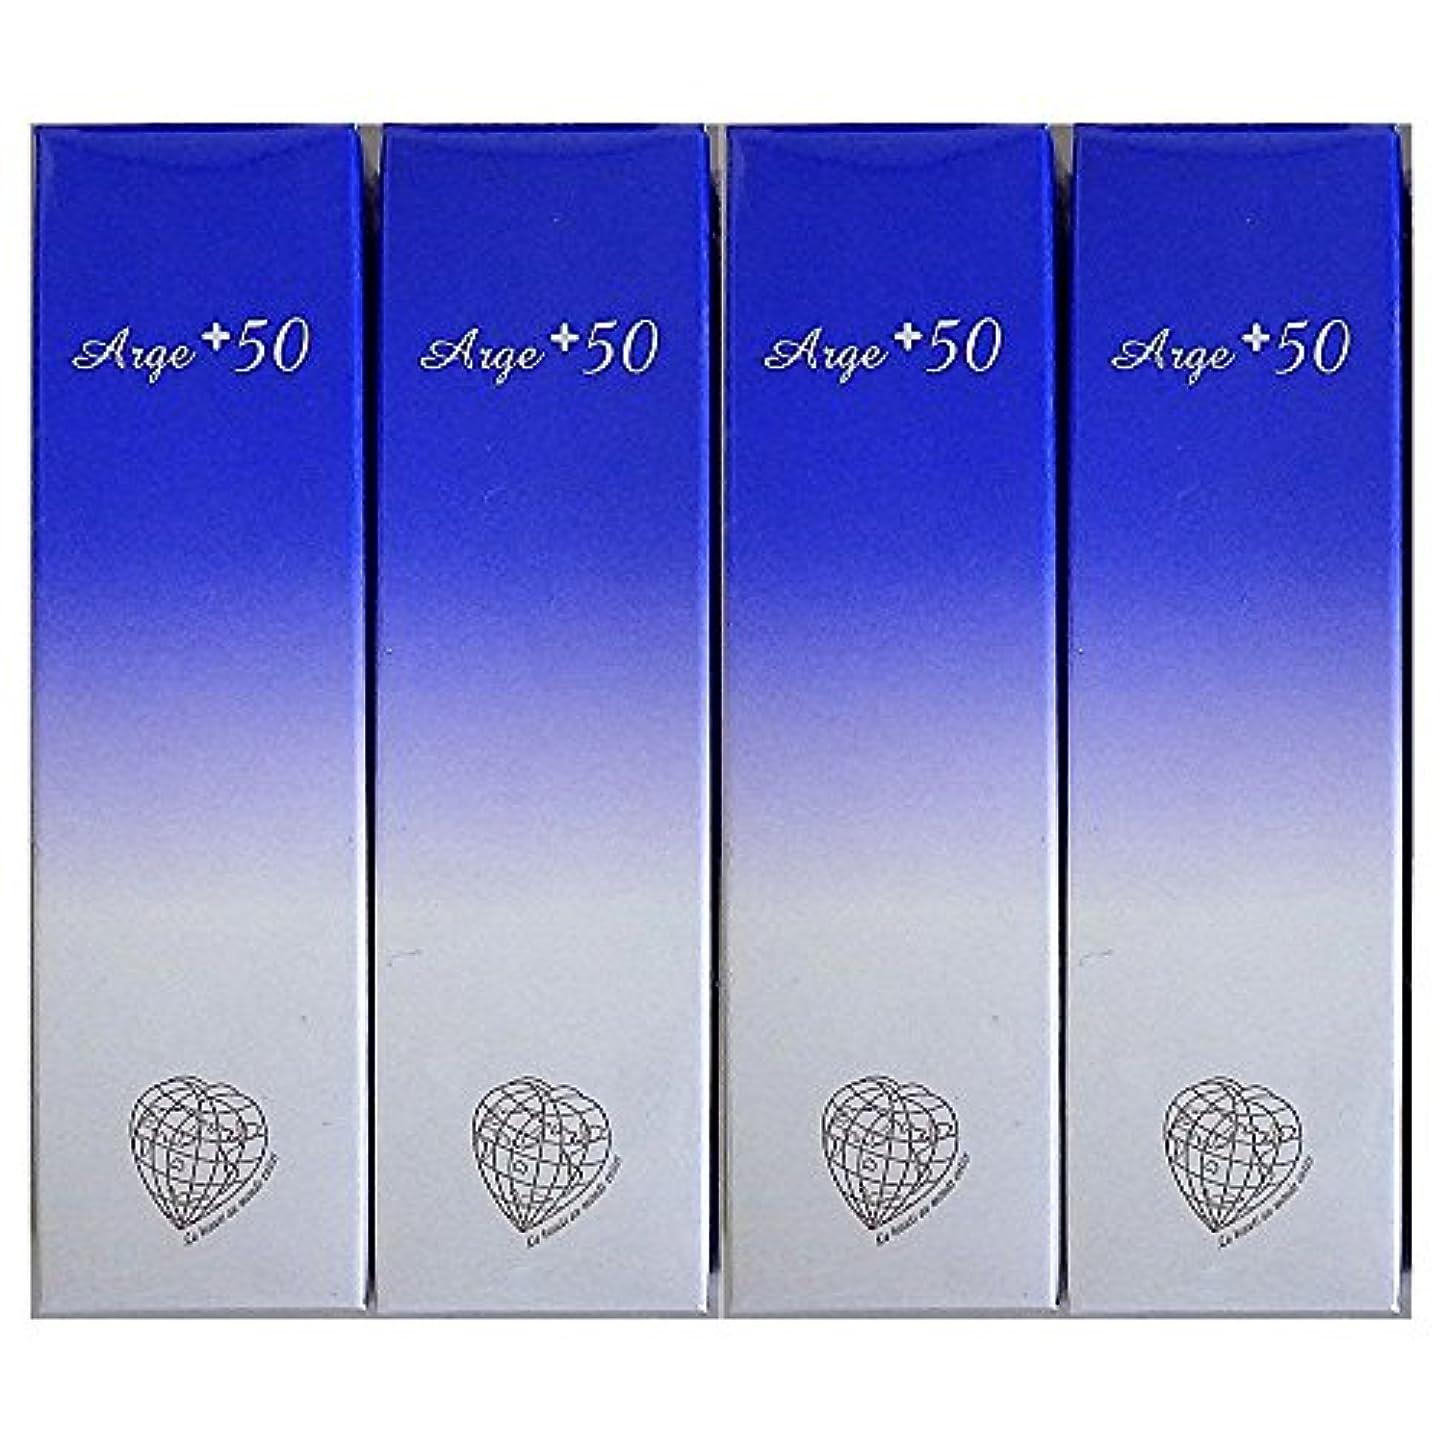 アルジェプラス50 4本セット